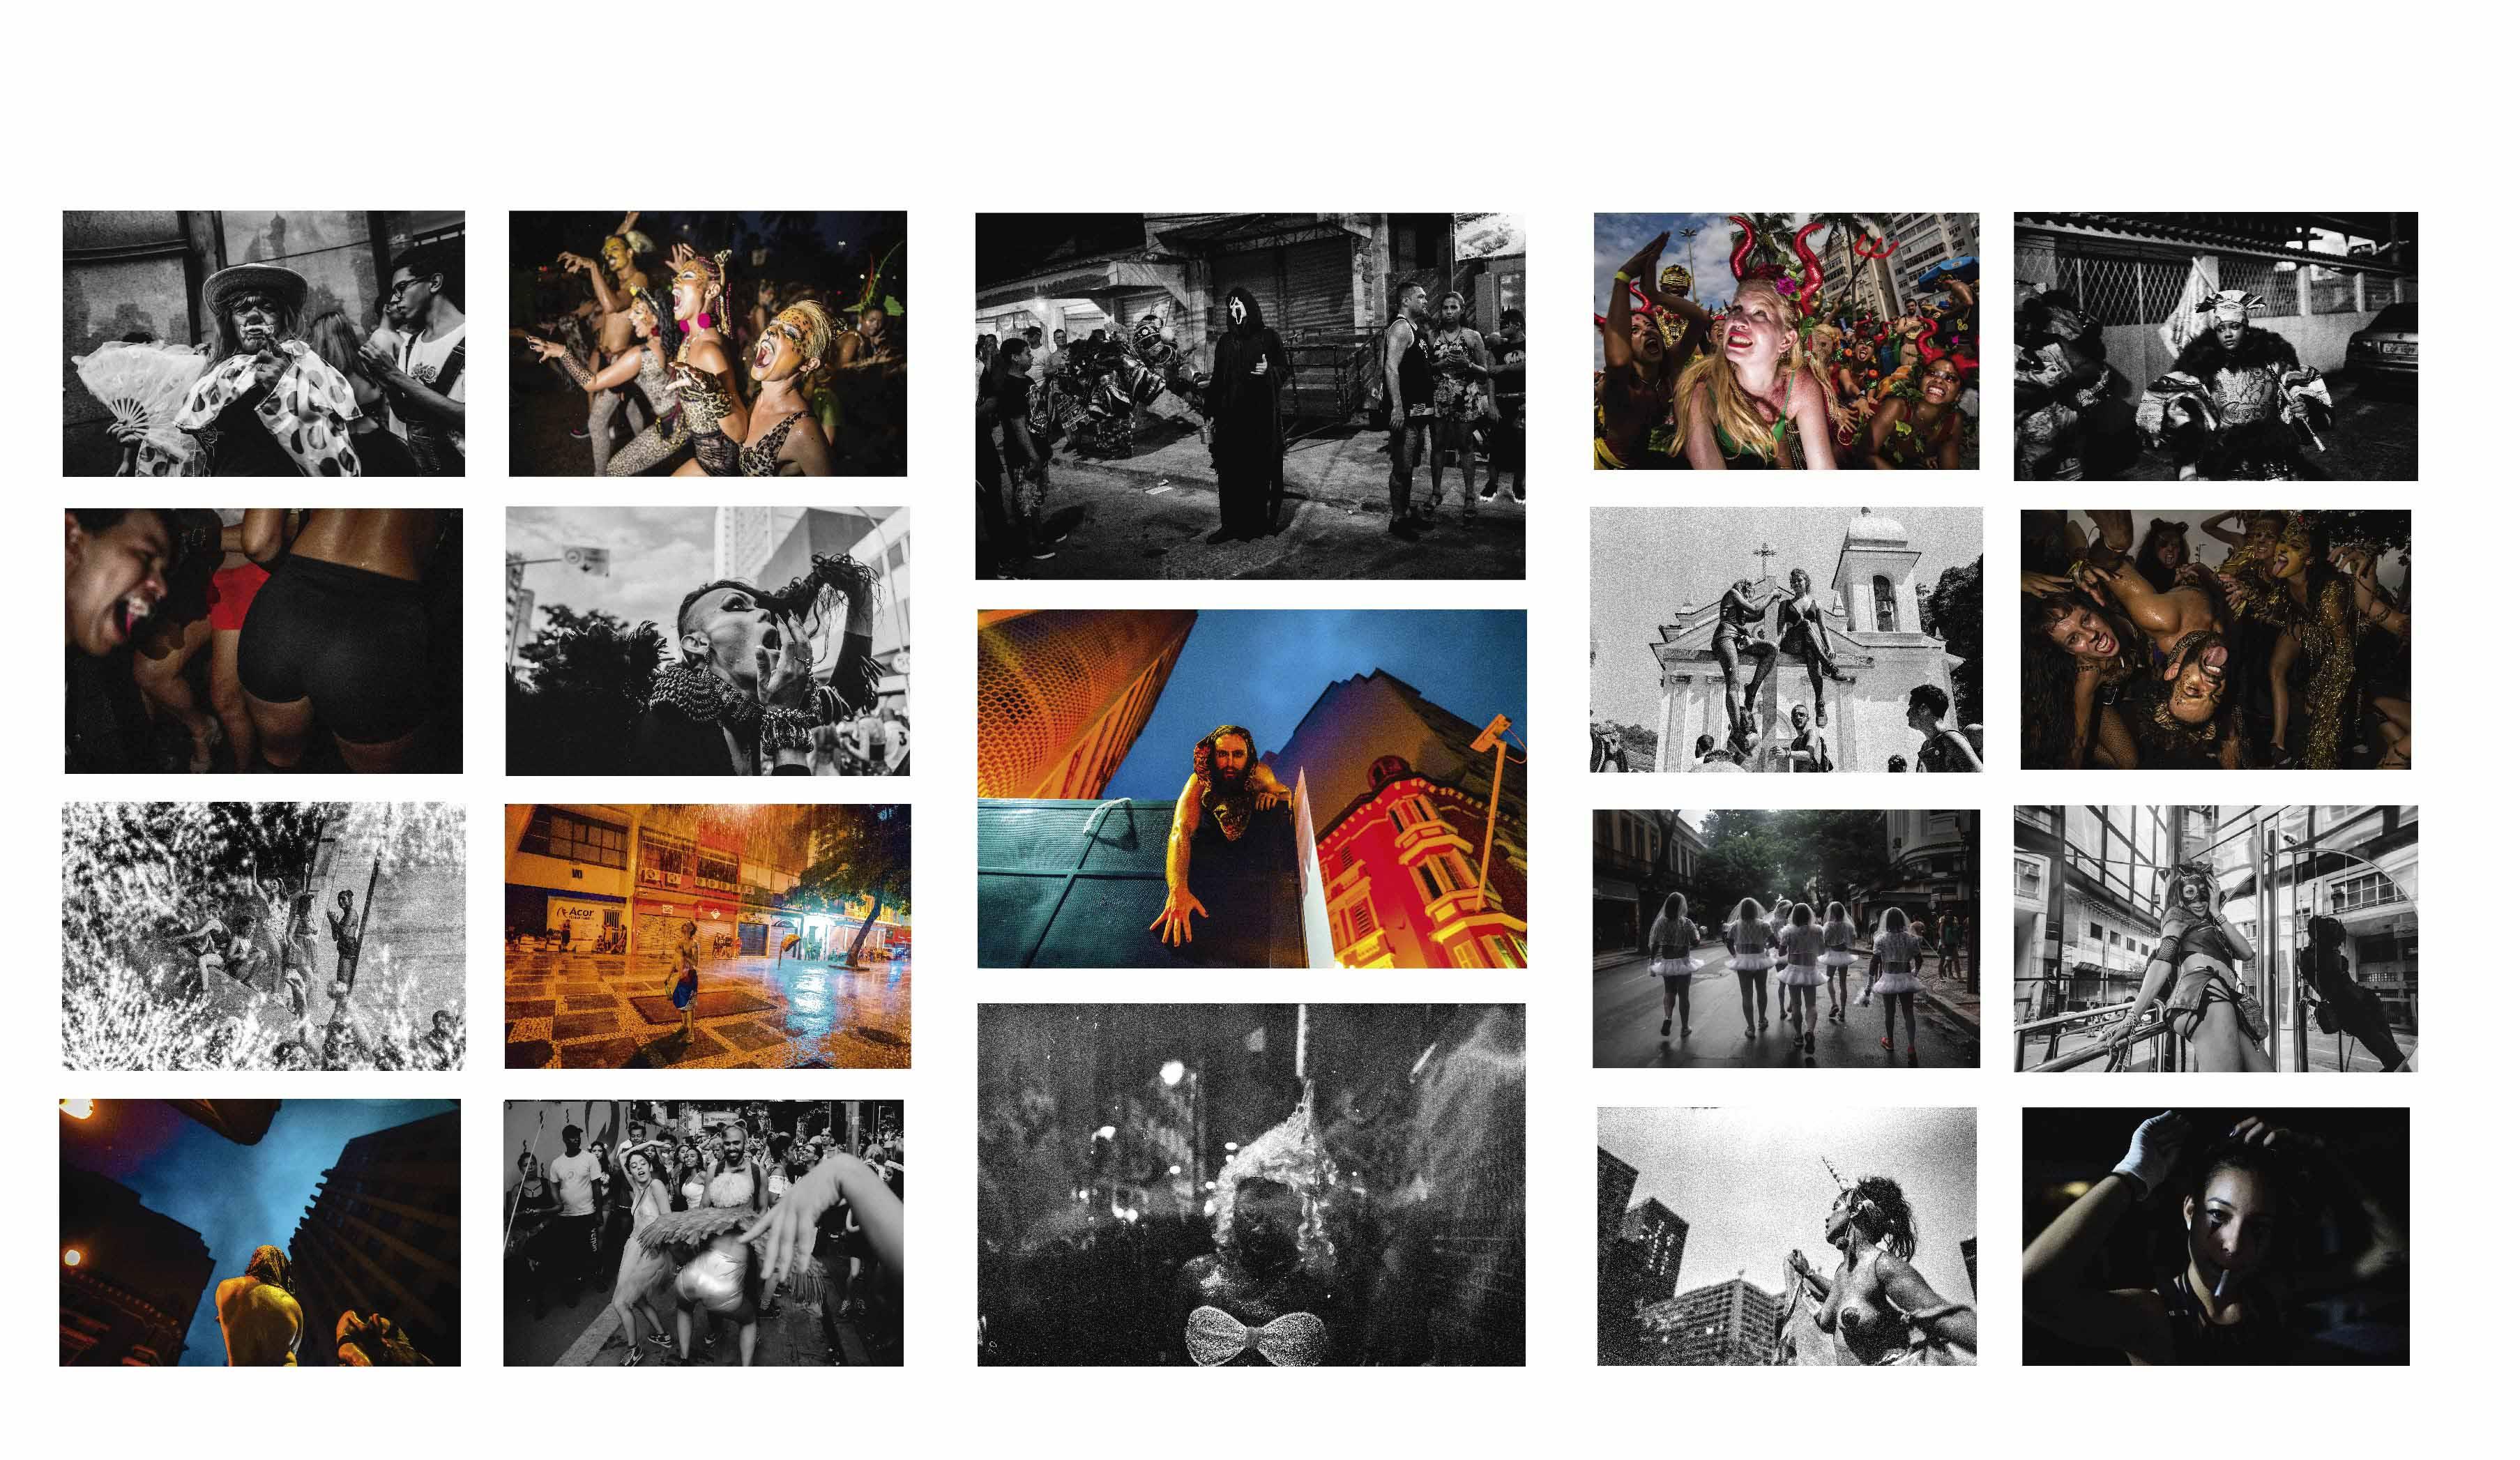 """Palacete recebe exposição """"Atlas Momosyne"""", um levante artístico no Carnaval em tempos de intolerância"""